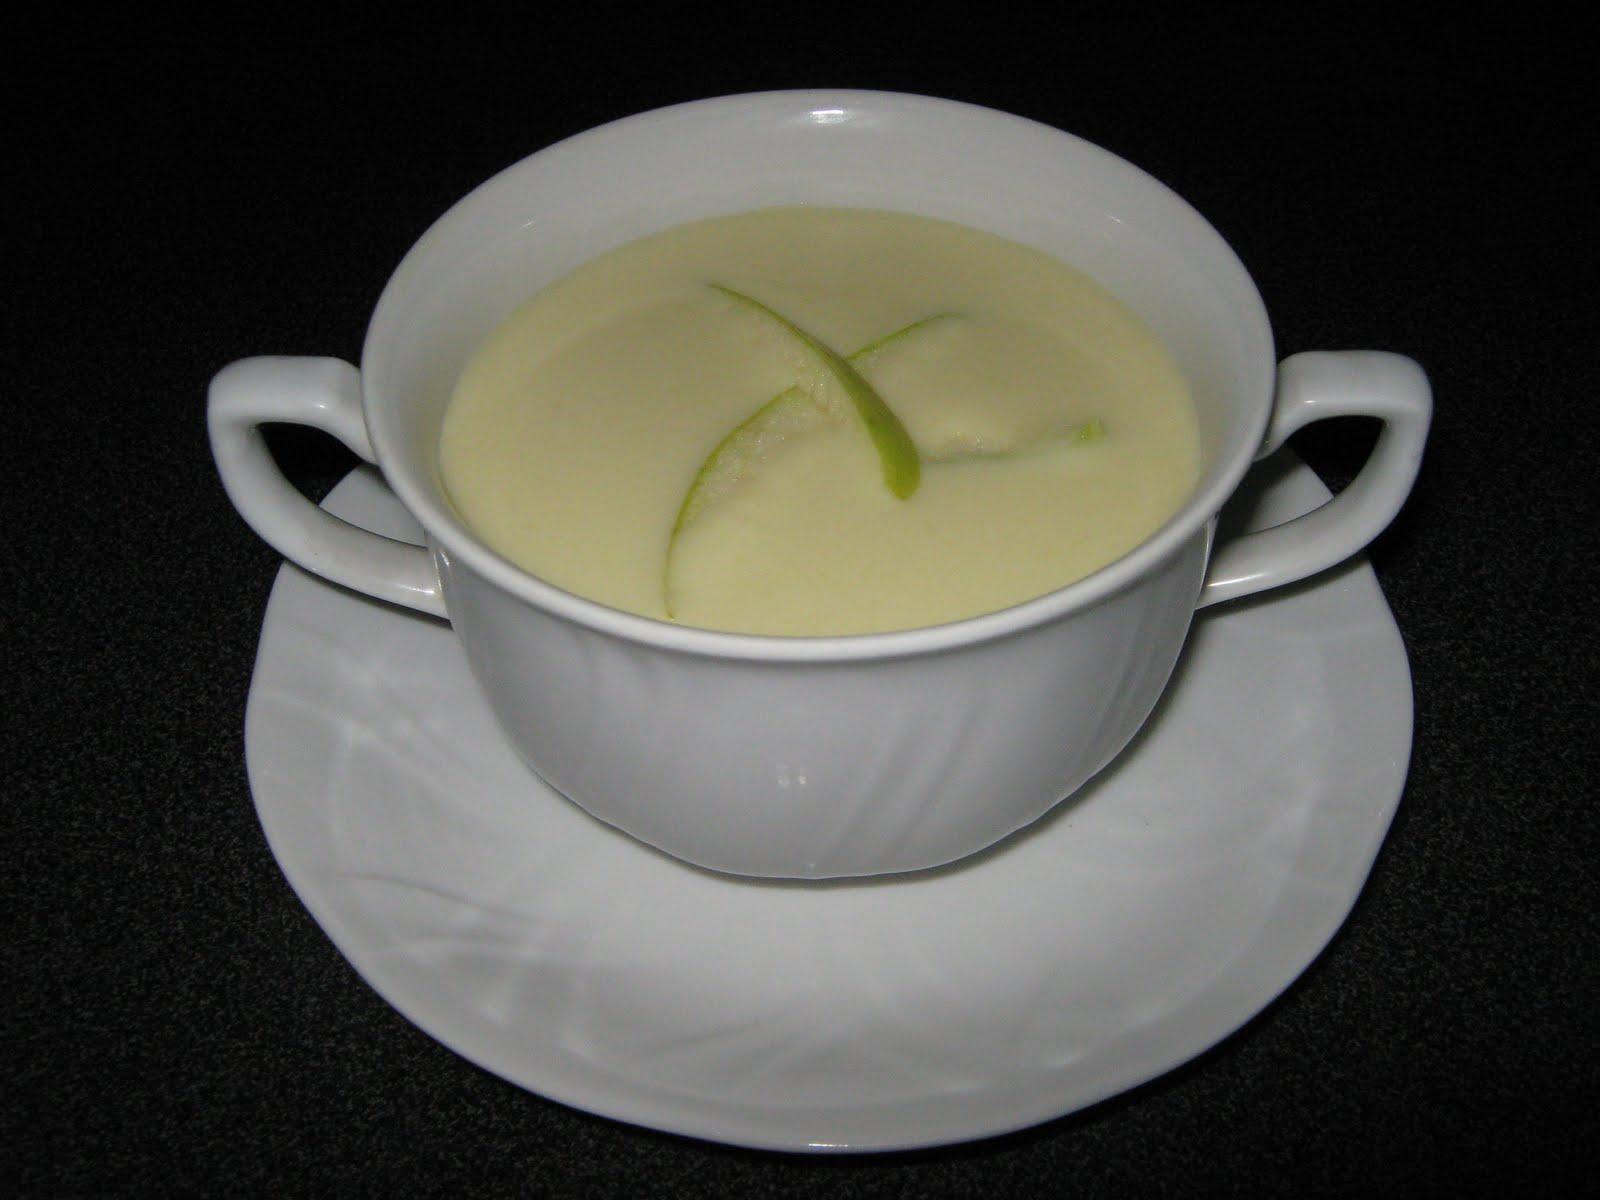 Vichyssoise de manzana, una receta sana y deliciosa 1